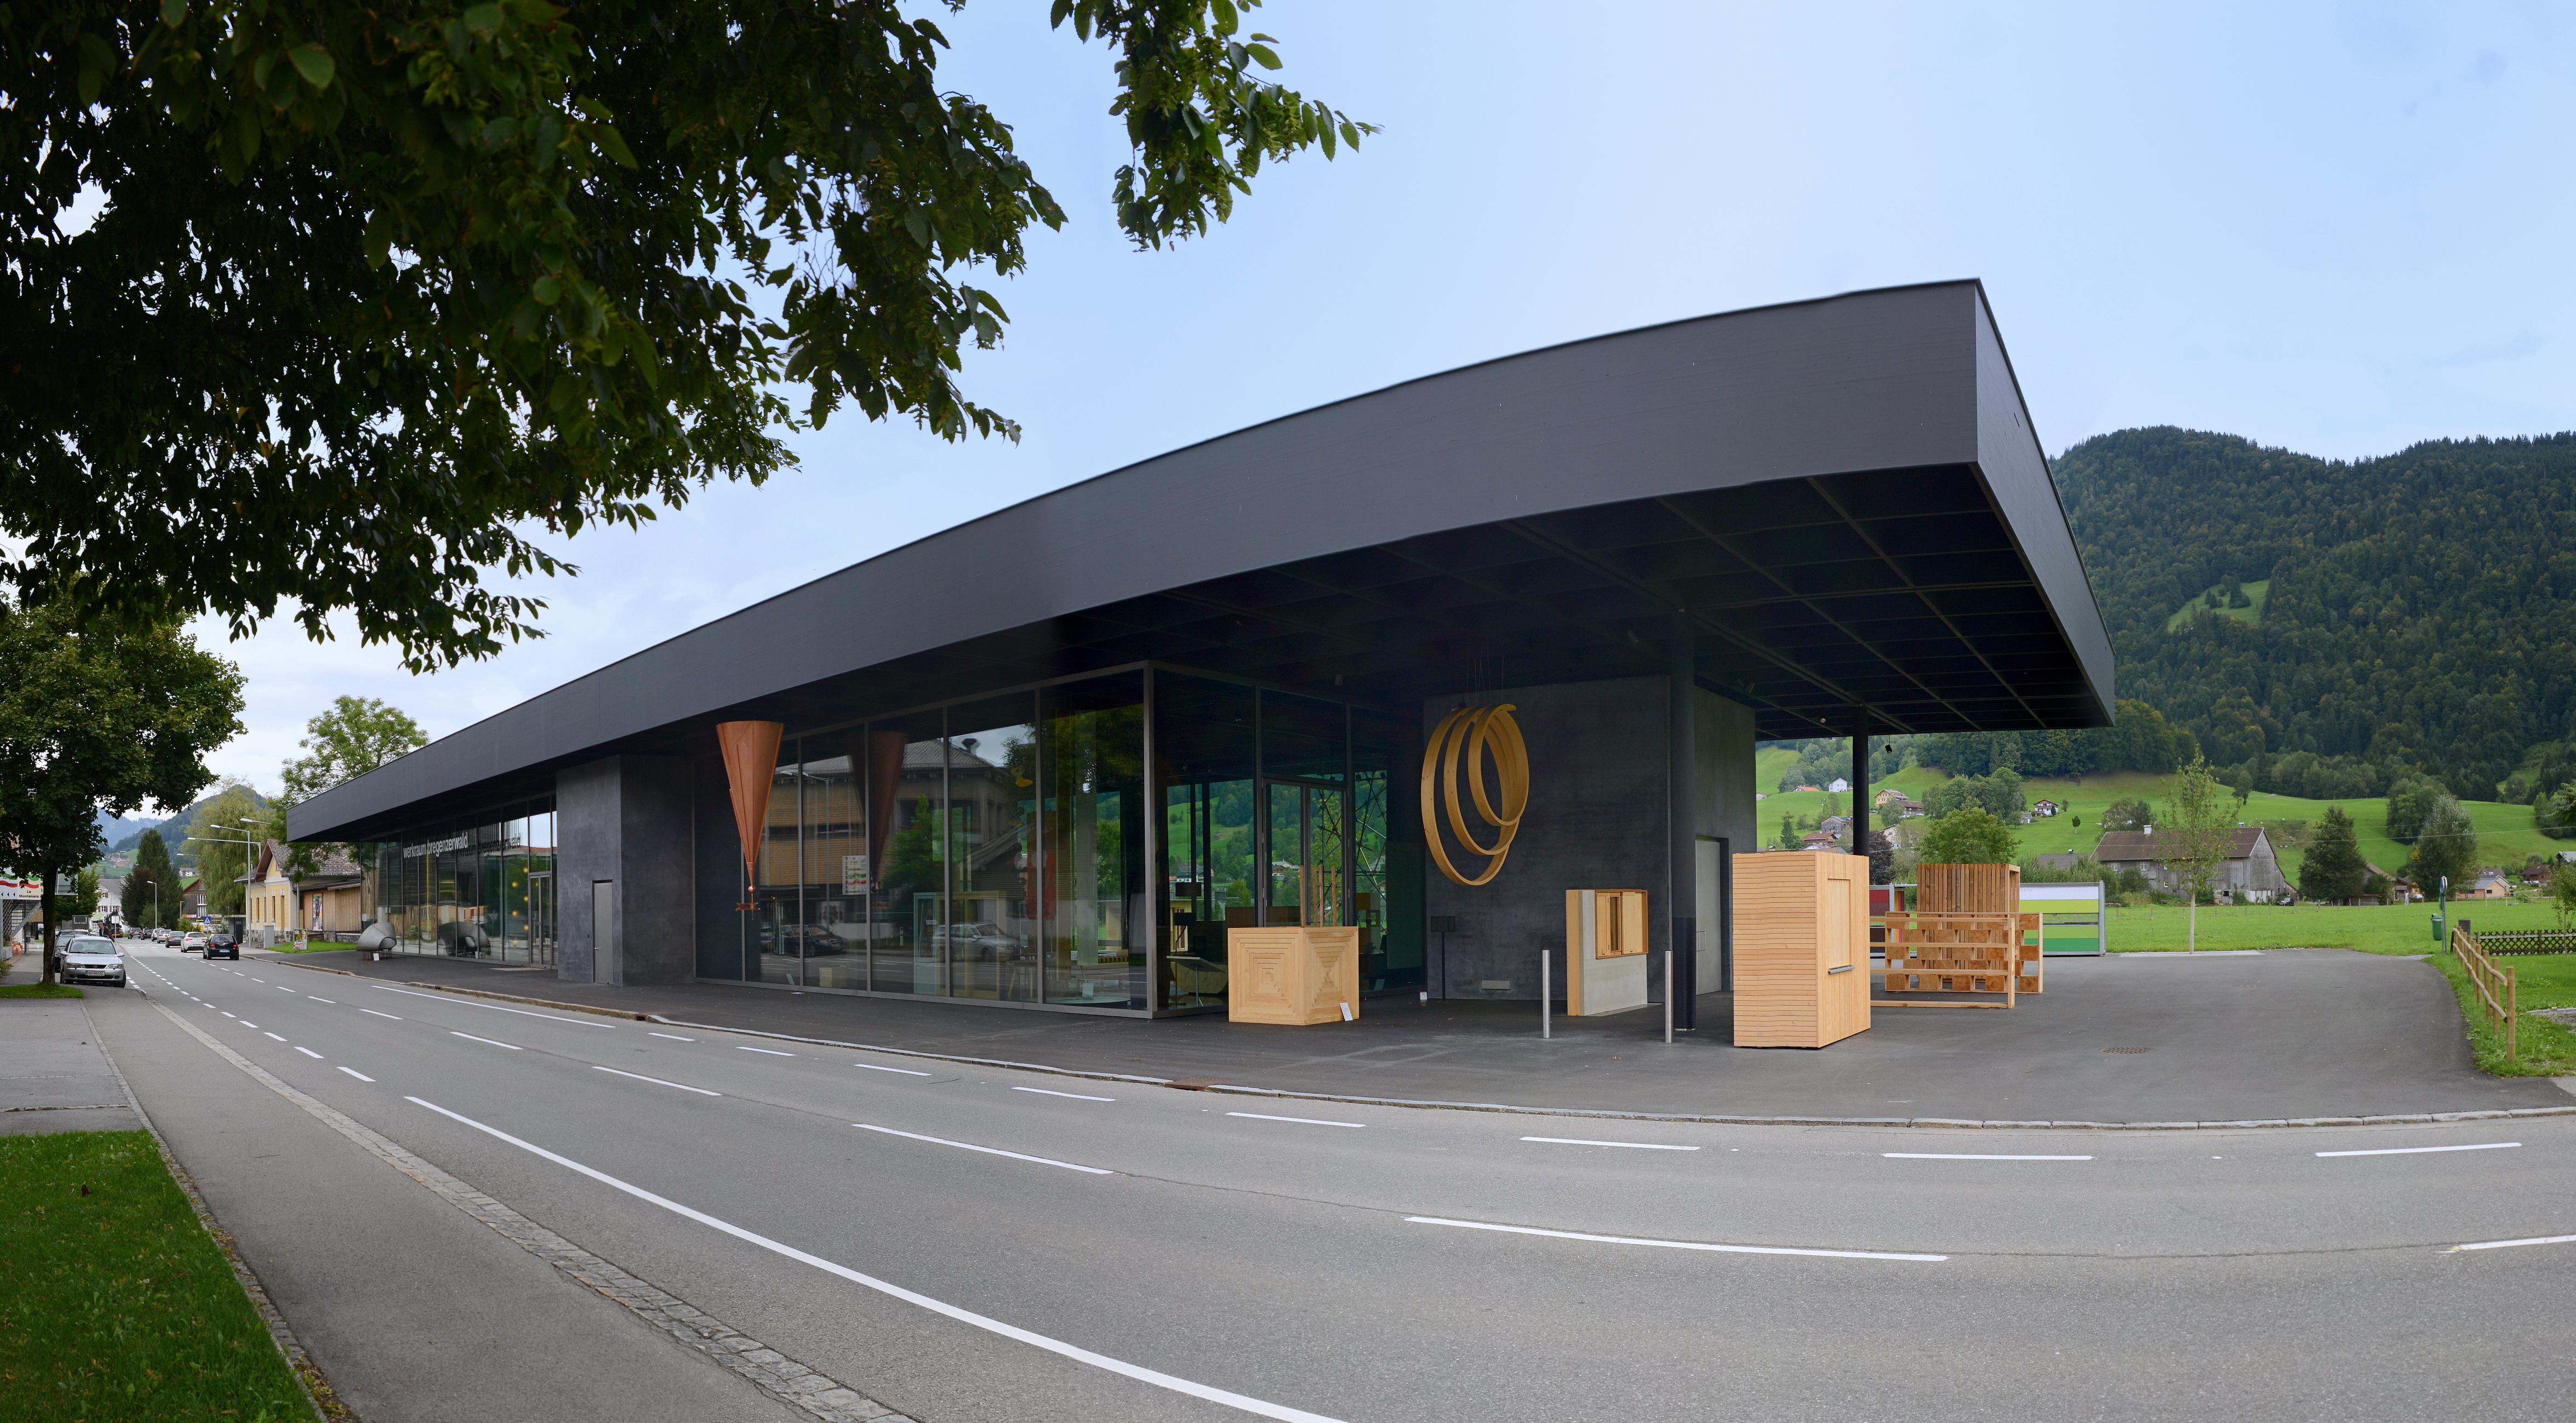 File Werkraum Haus Von Peter Zumthor In Andelsbuch 4 Jpg Wikimedia